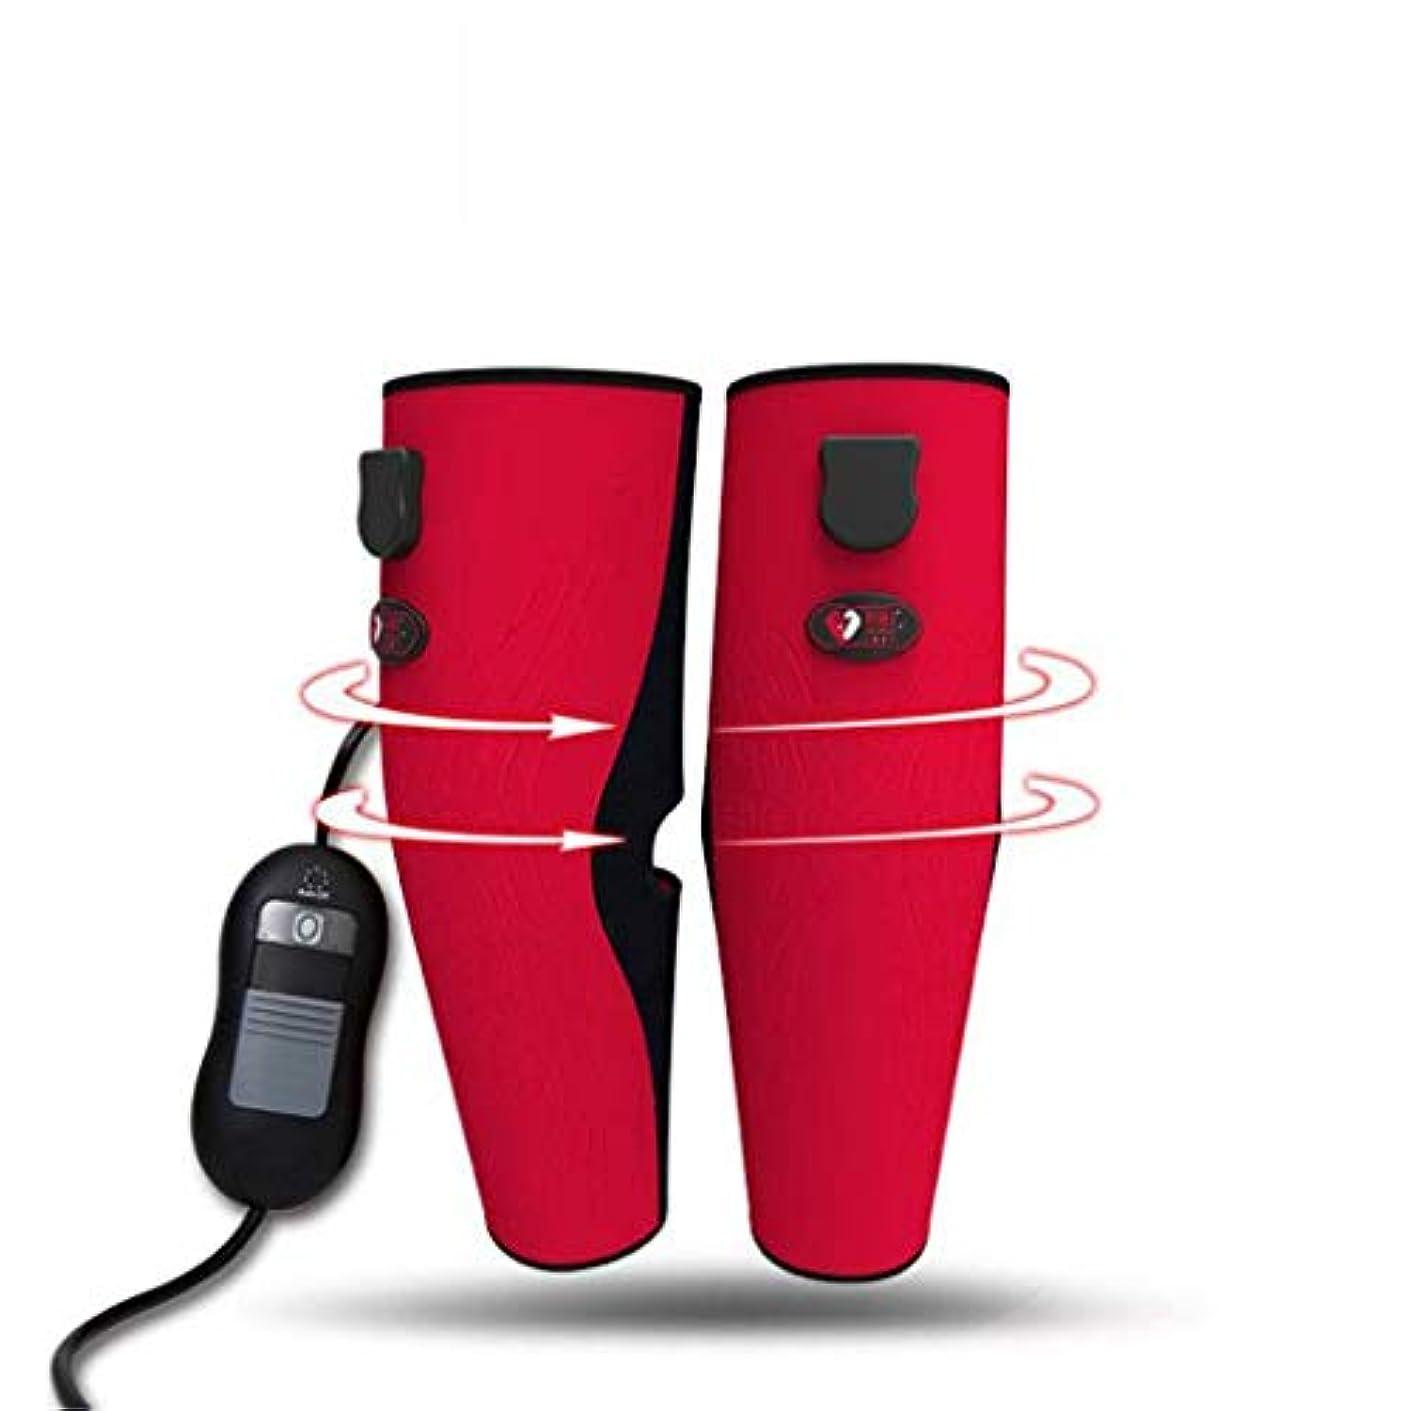 妥協収まる傾向がある温められた足のマッサージャー、膝と足の痛みを和らげる治療装置、3モード温度制御の痛みを和らげる治療装置